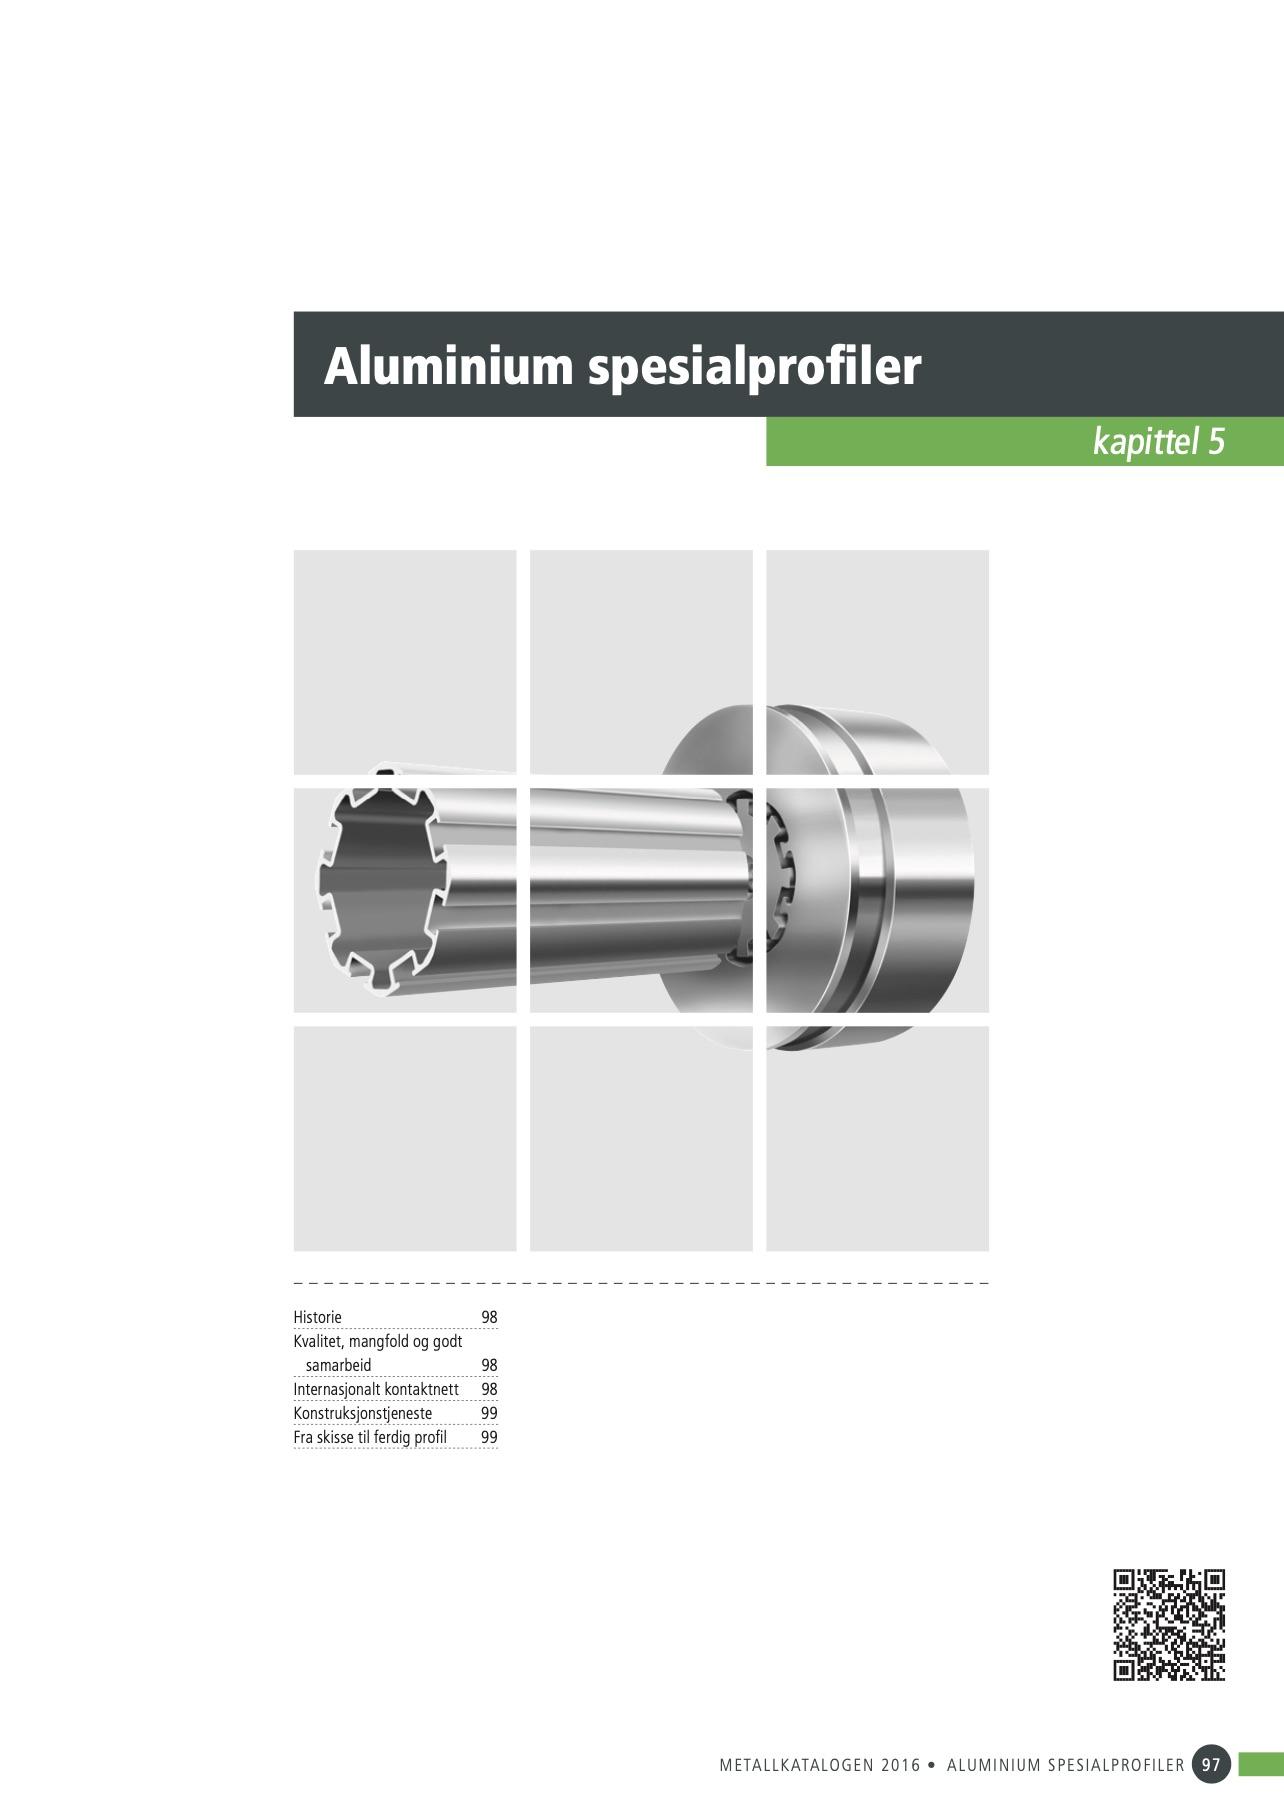 05 Aluminium spesialprofiler